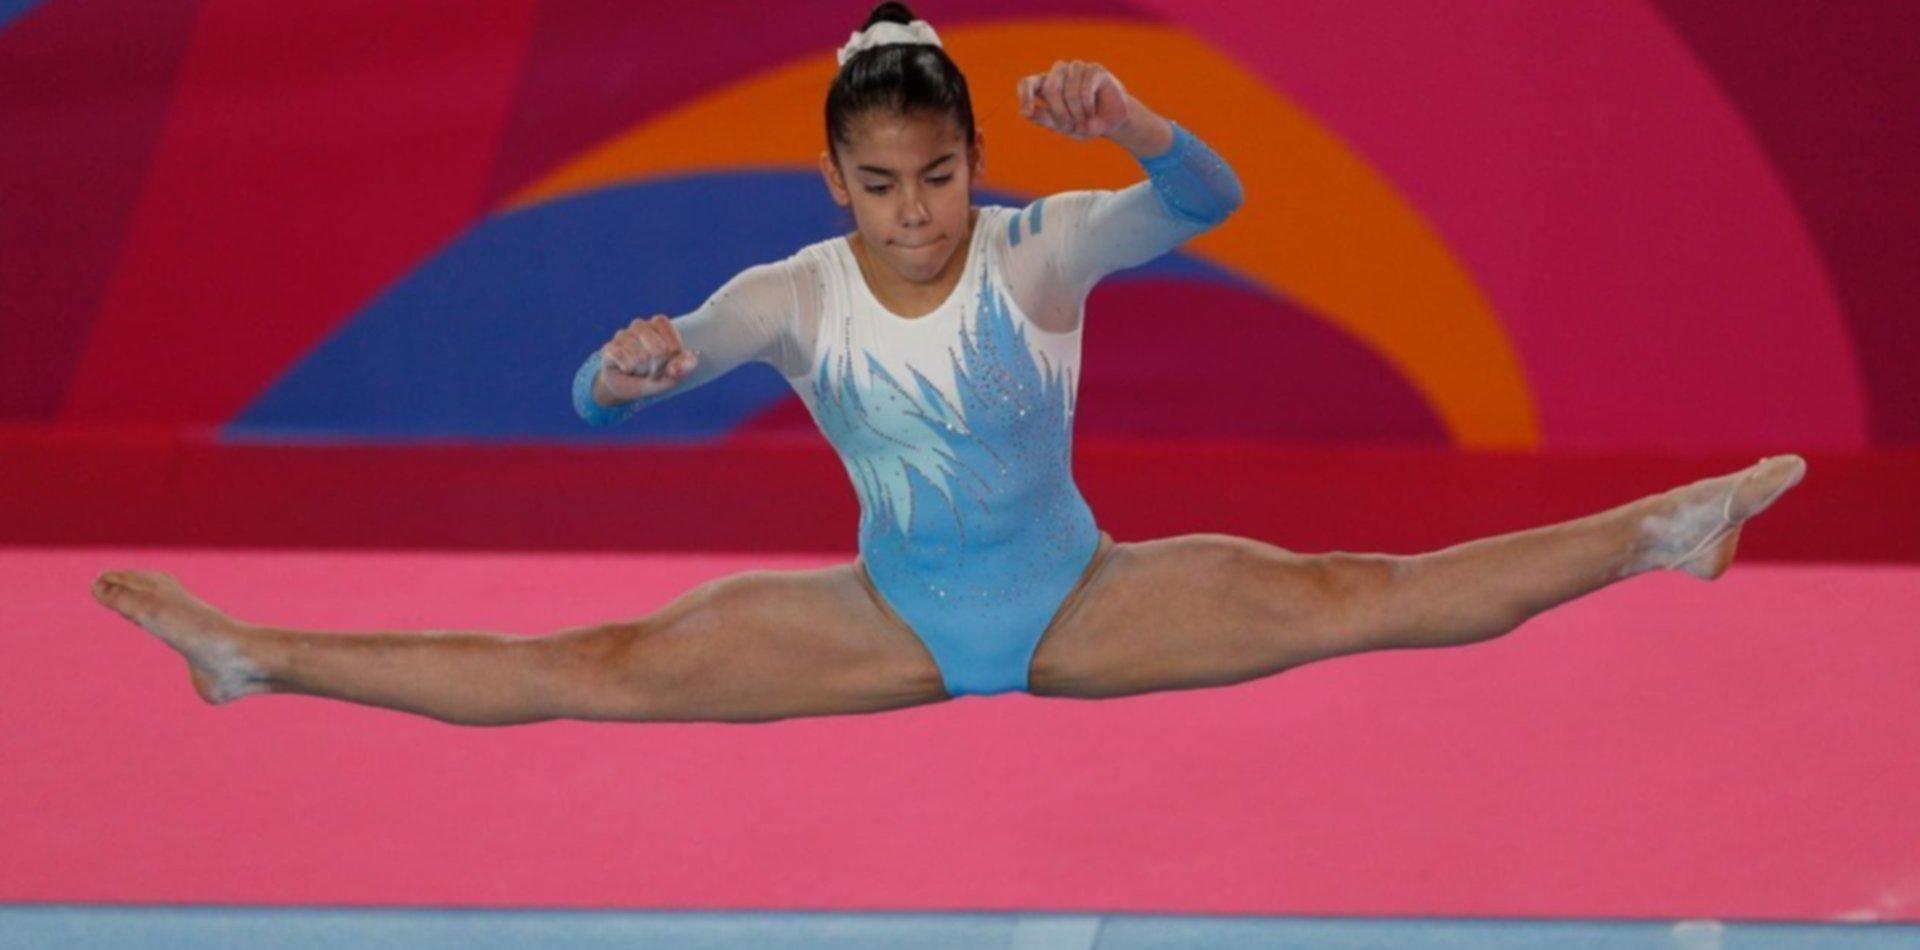 Una gimnasta platense representará a Argentina en los Juegos Olímpicos de Tokio